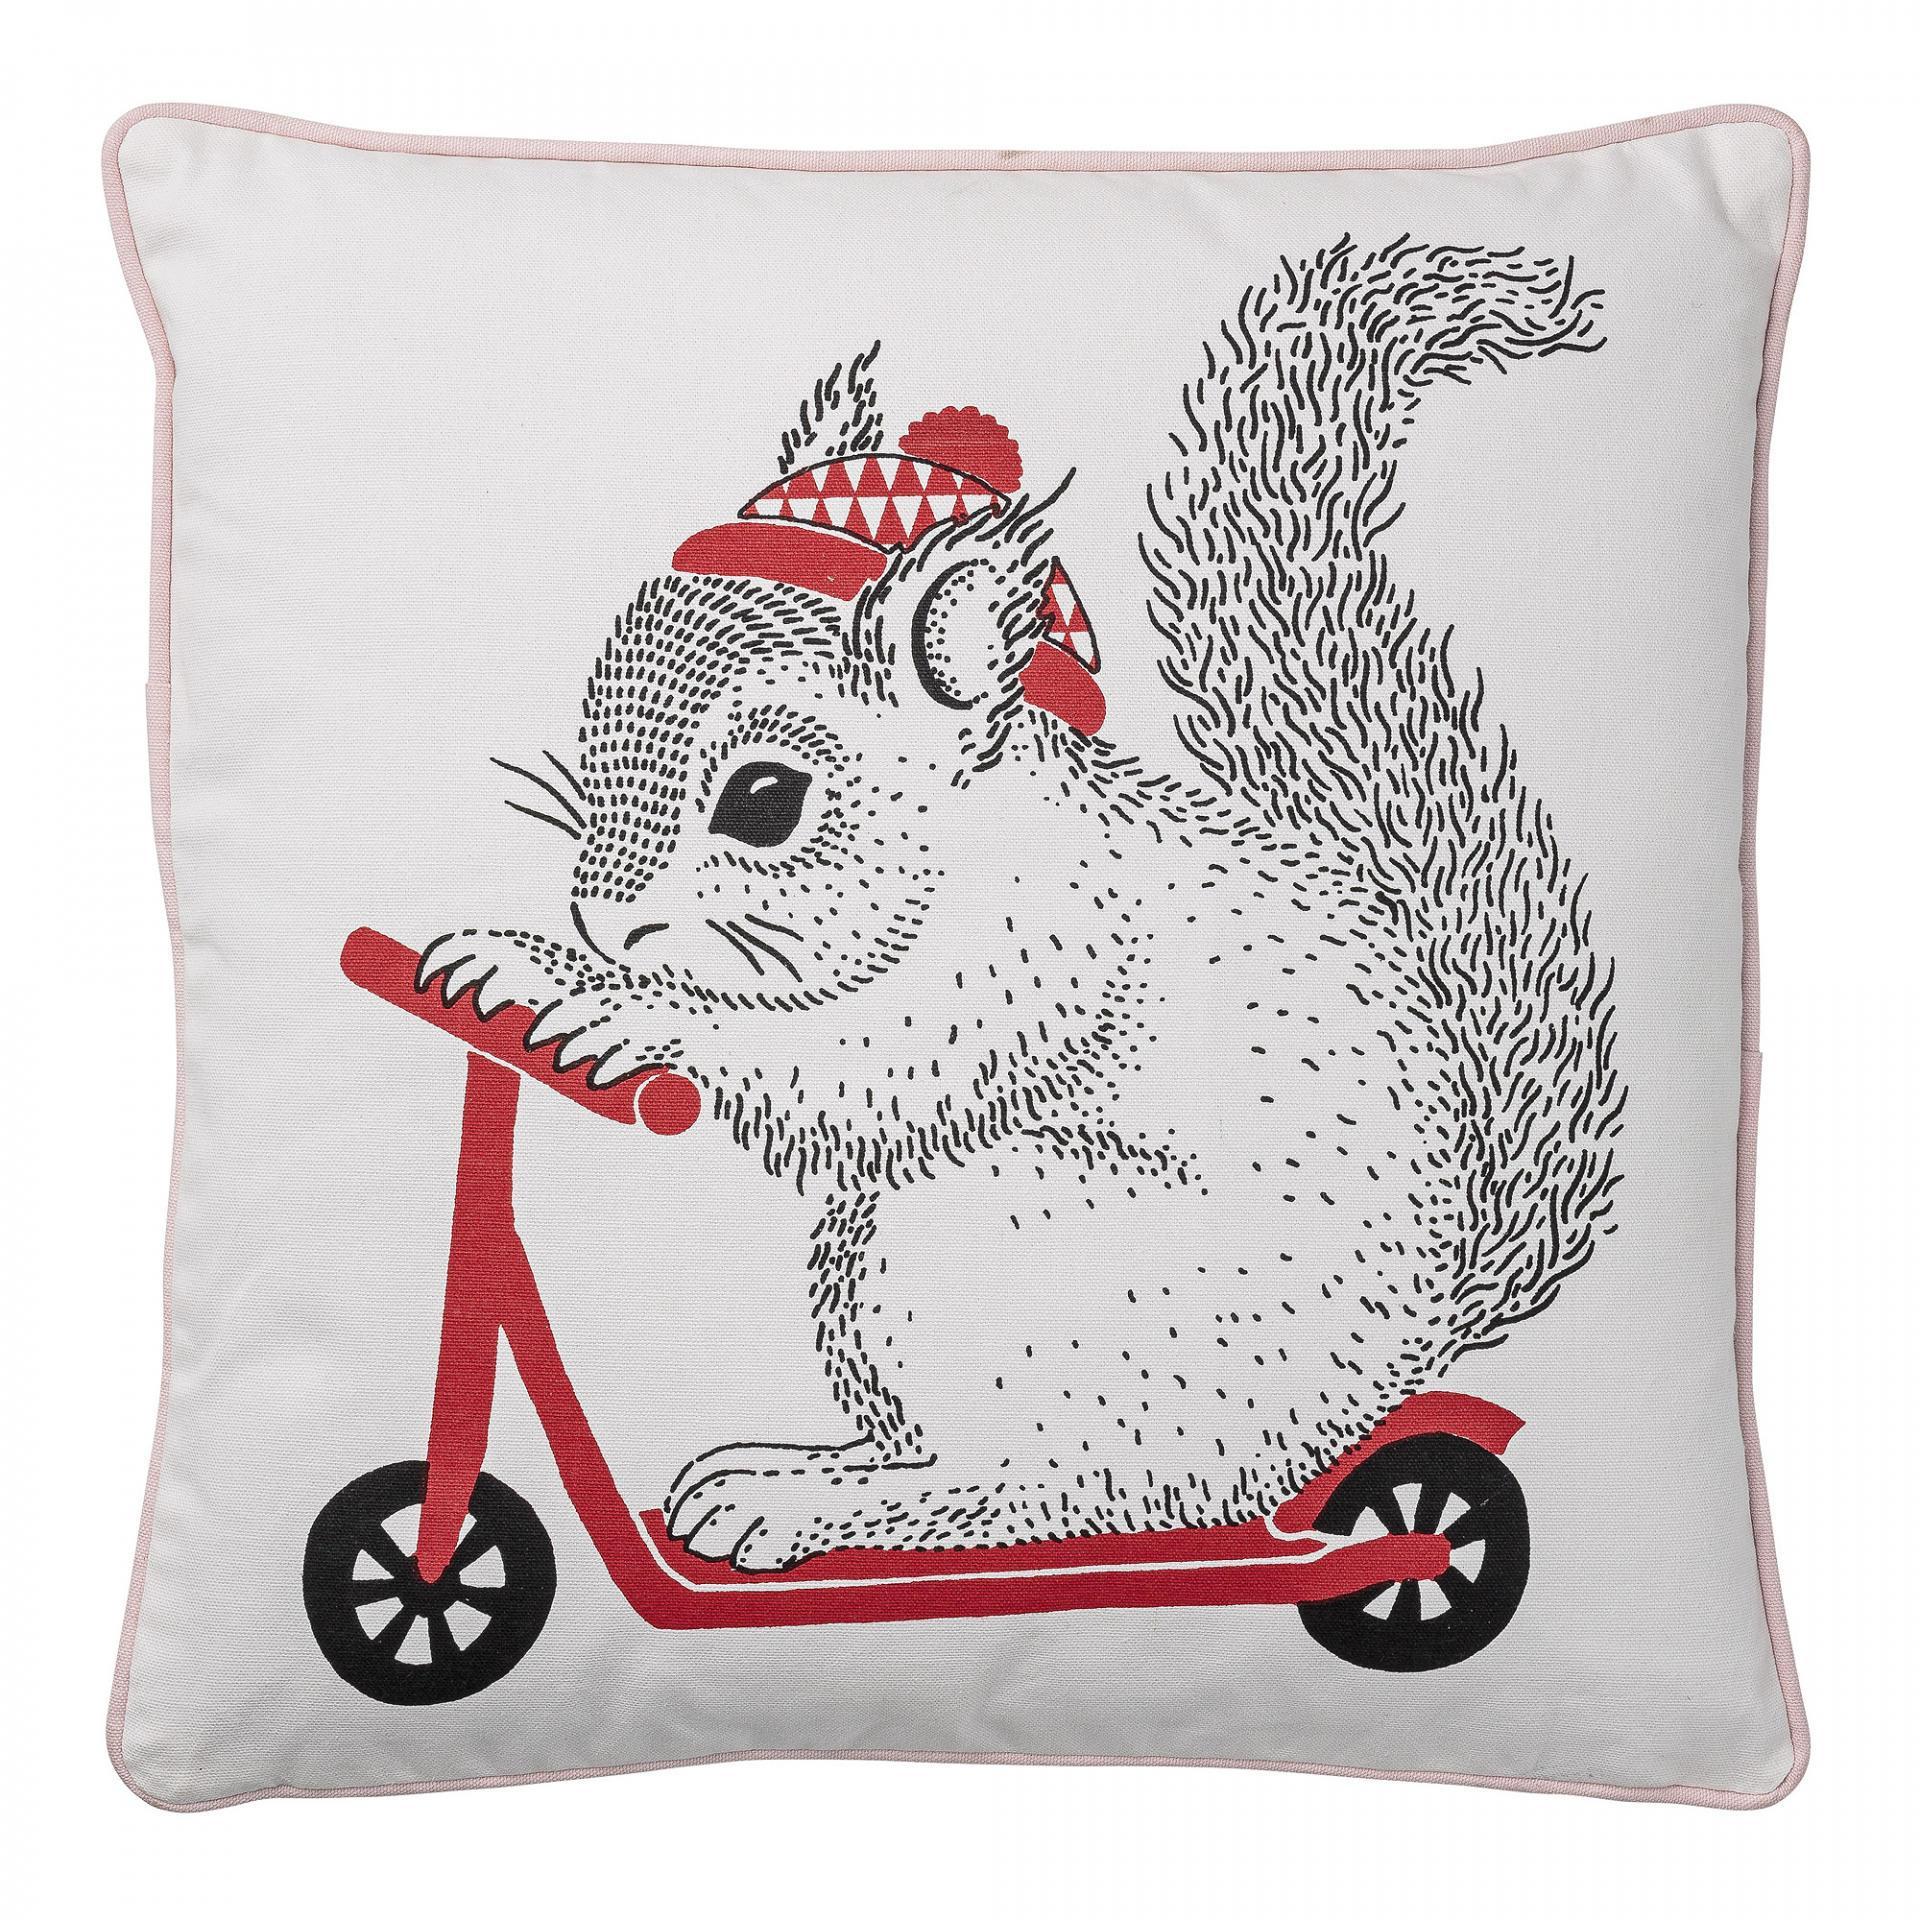 Bloomingville Dětský polštářek s veverkou Squirrel, červená barva, bílá barva, textil